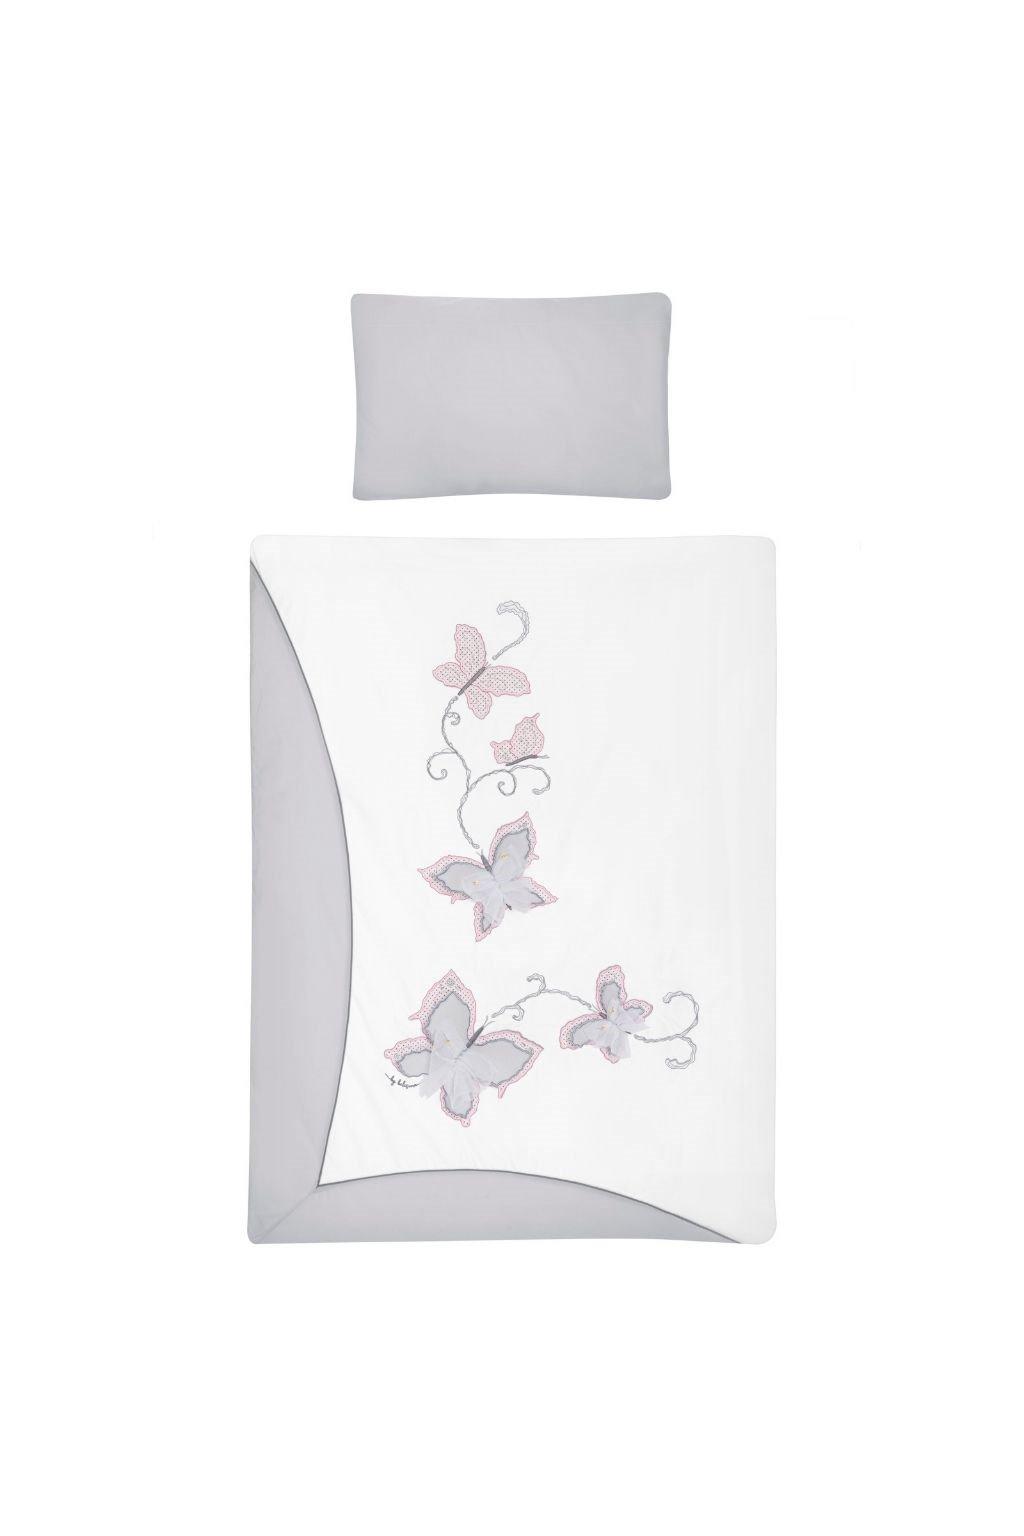 5-dielne posteľné obliečky Belisima Butterfly 90/120 sivé